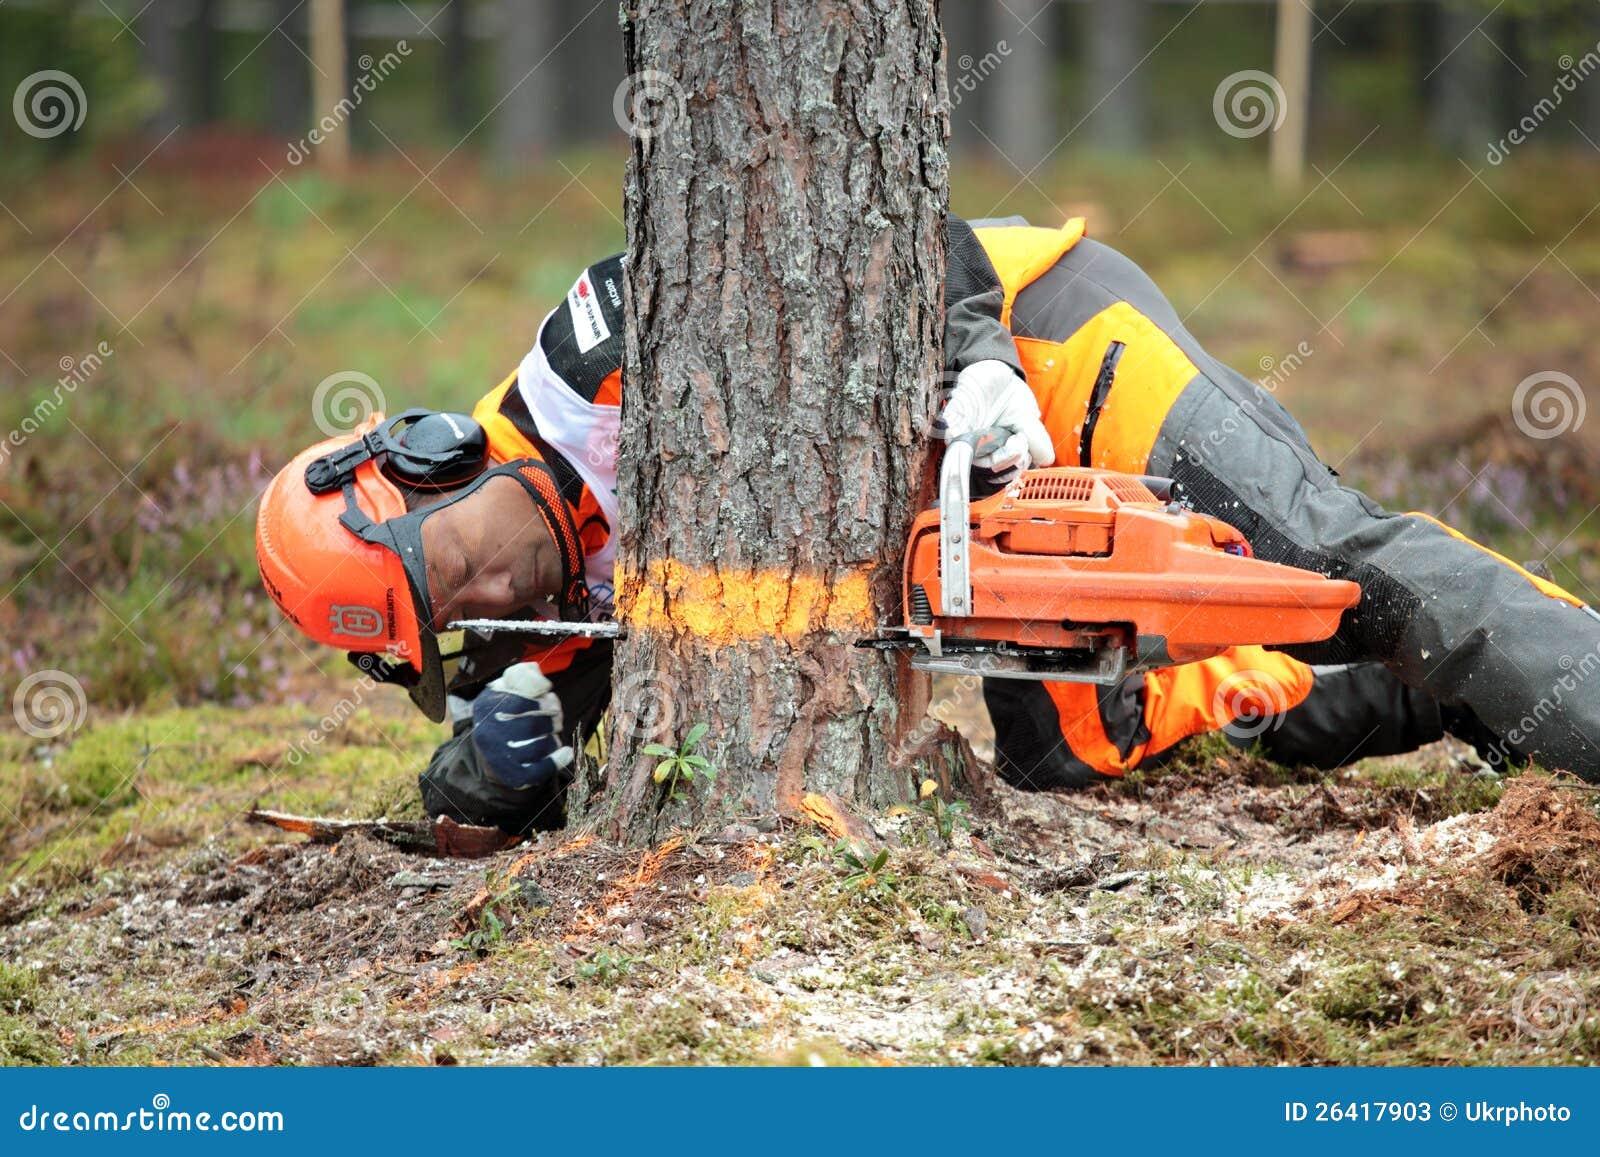 Image result for japanese lumberjack